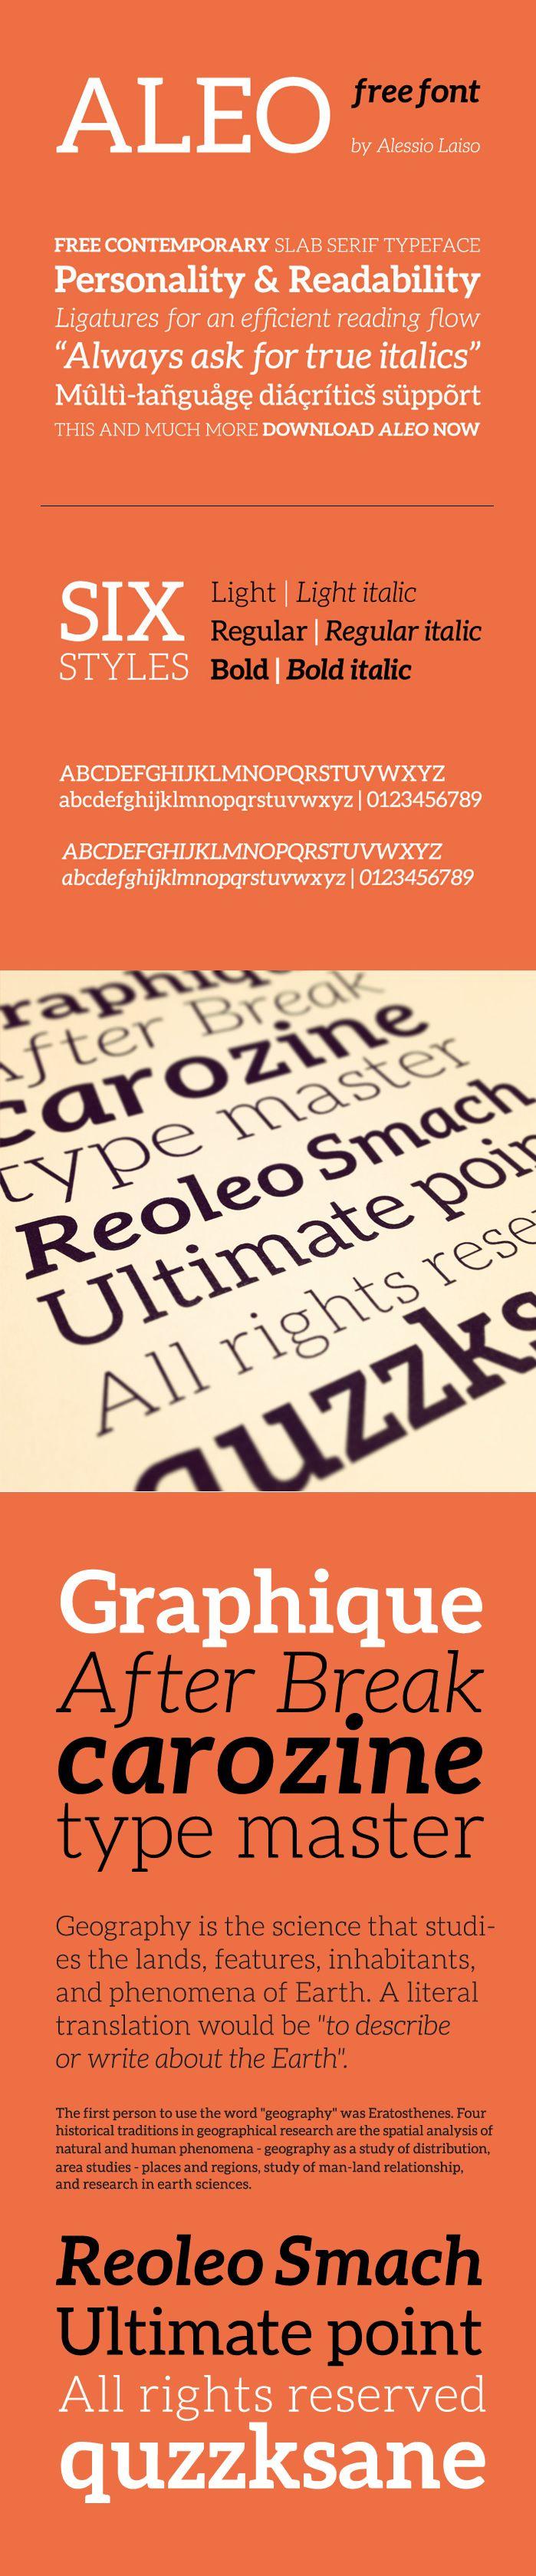 Aleo free font - Fontfabric